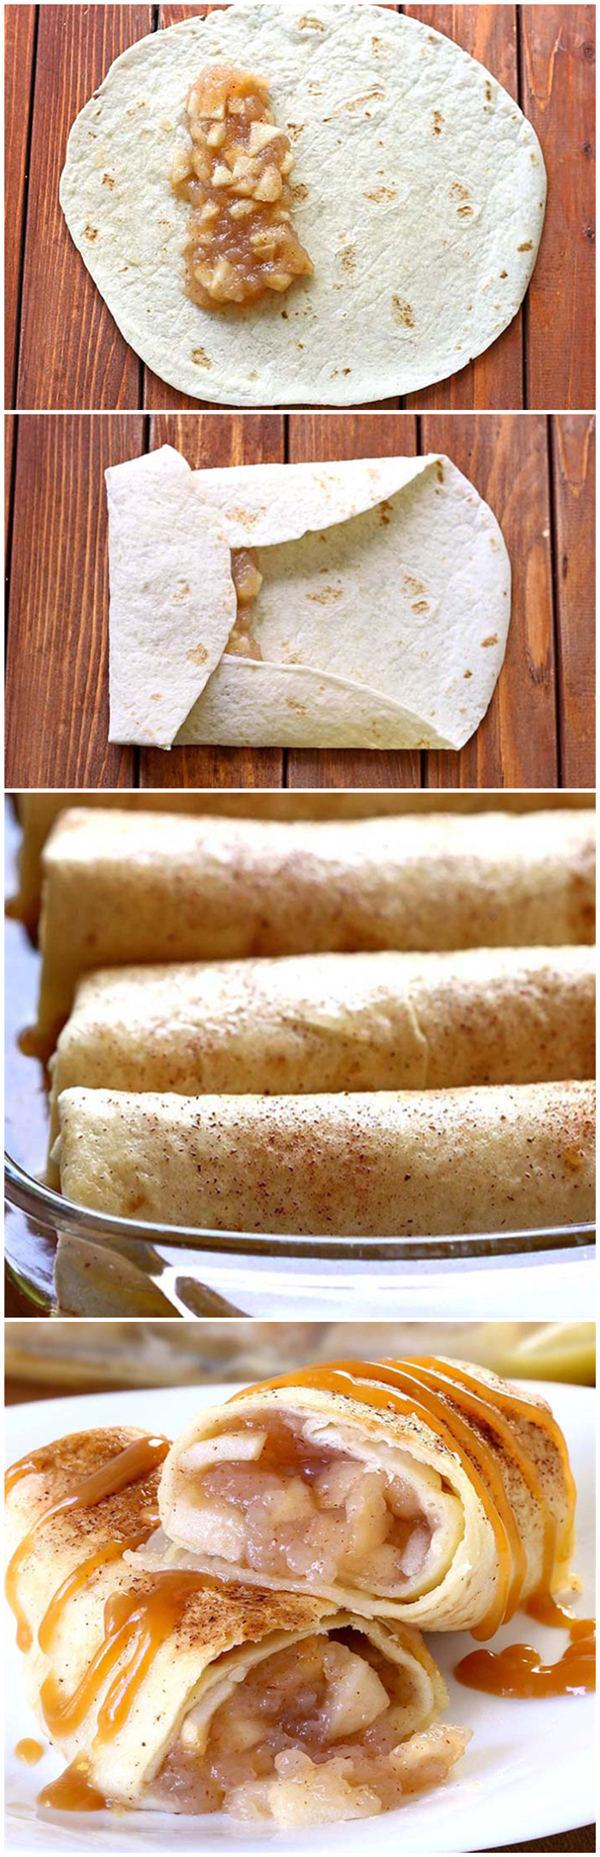 Apple Pie Enchiladas